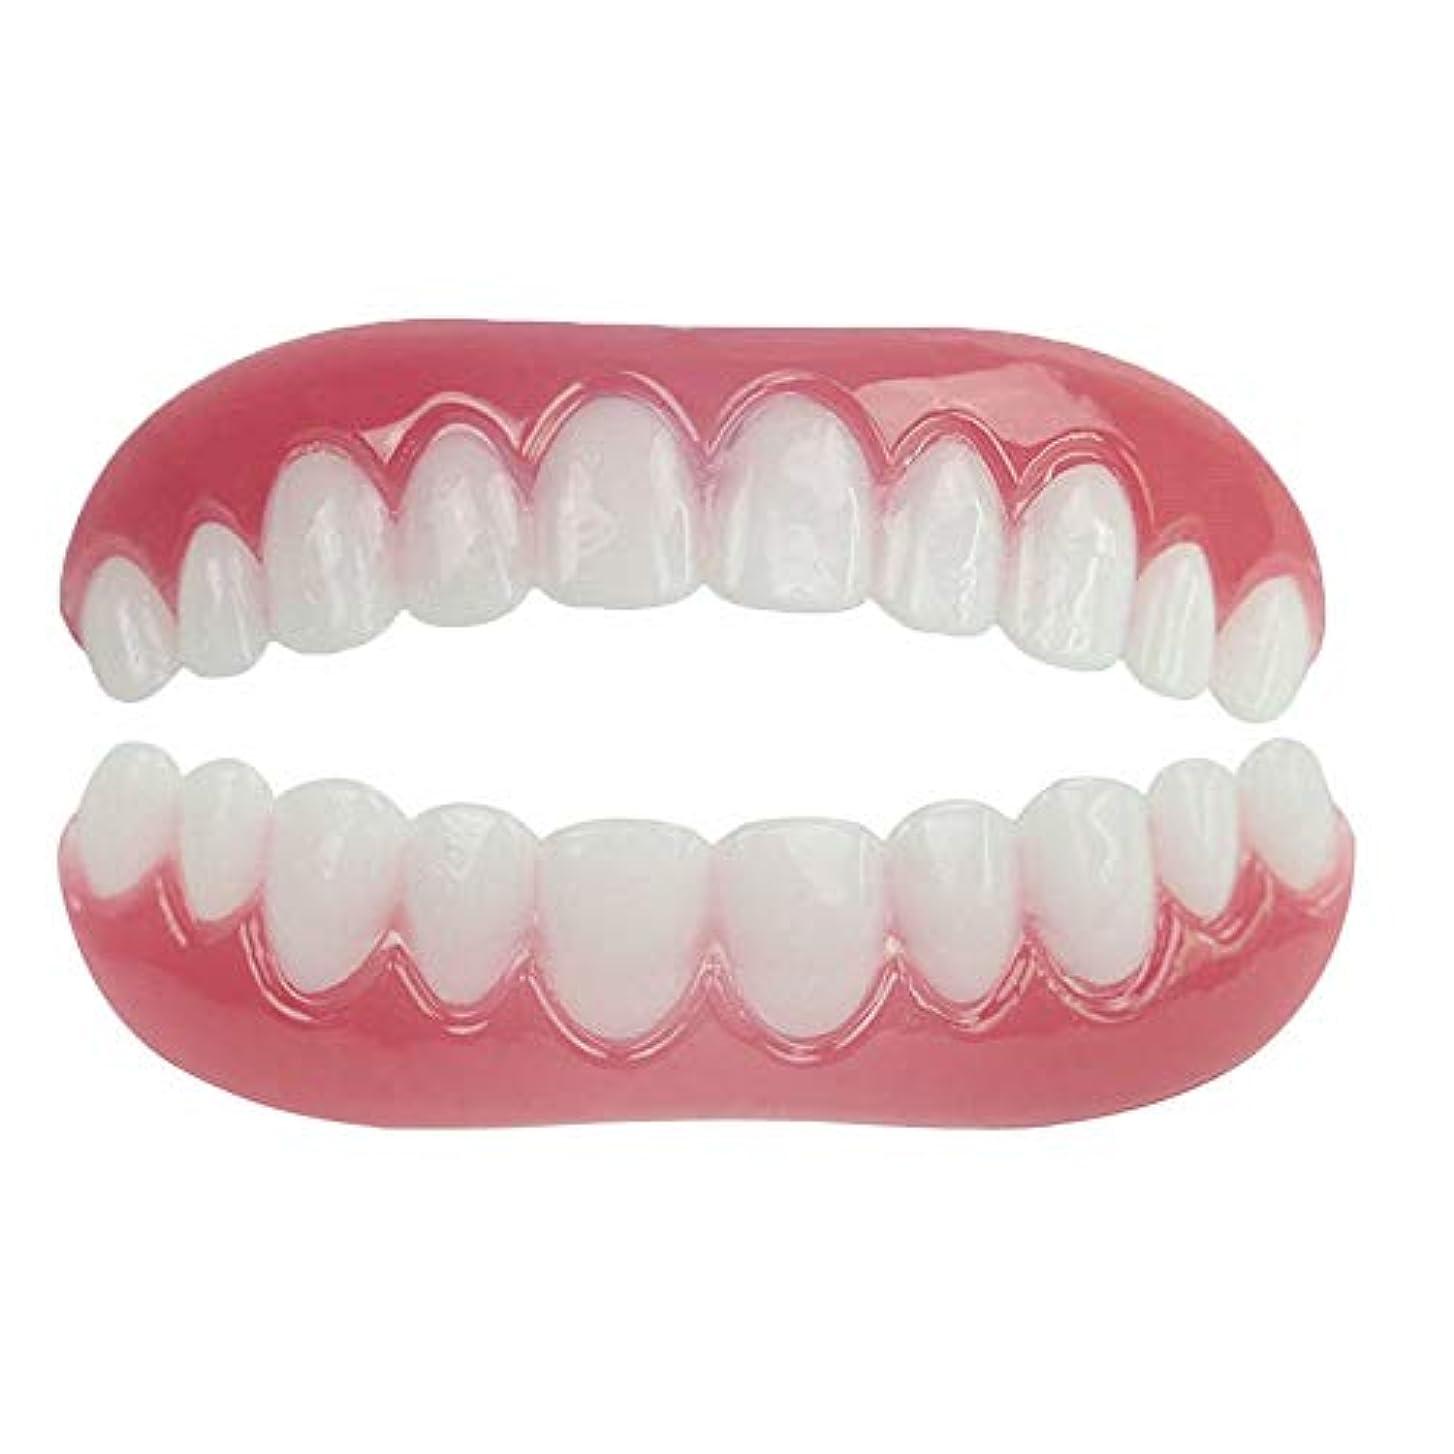 思春期野生ペナルティシリコンシミュレーションの上下の義歯スリーブ、歯科用ベニヤホワイトニングティーセット(2セット),Boxed,UpperLower